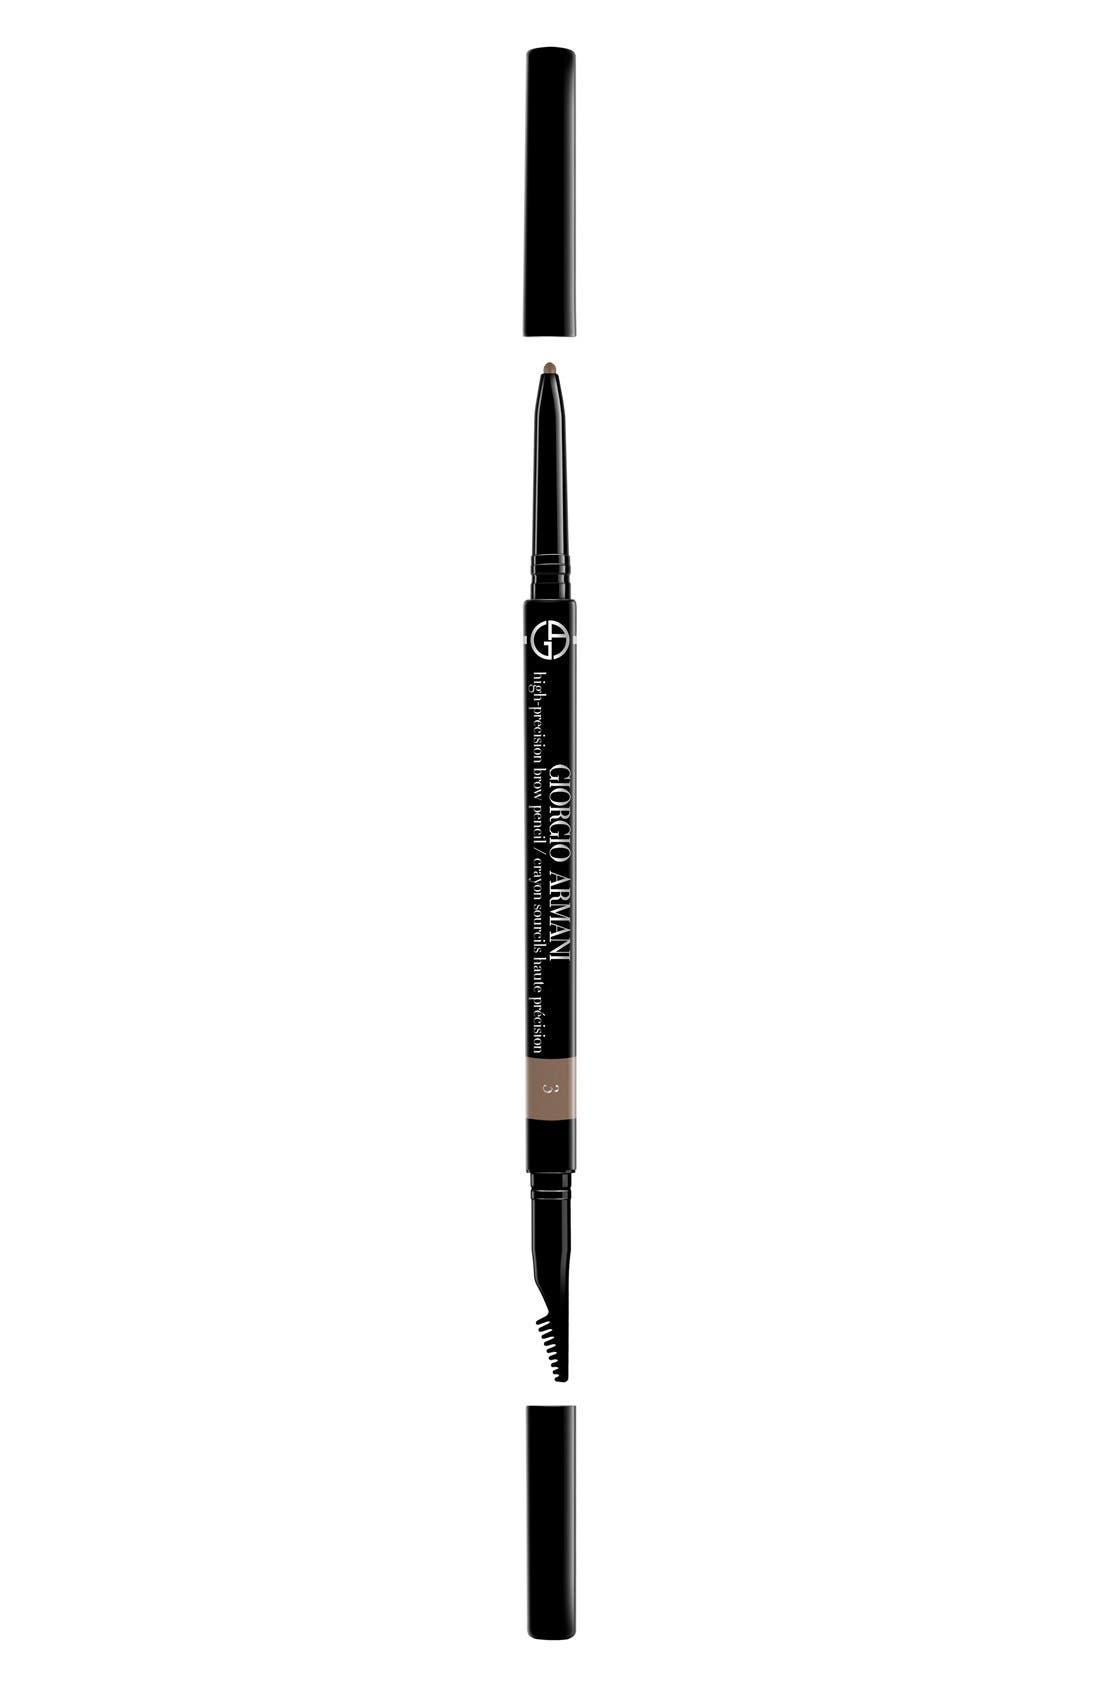 Giorgio Armani 'High-Precision' Brow Pencil